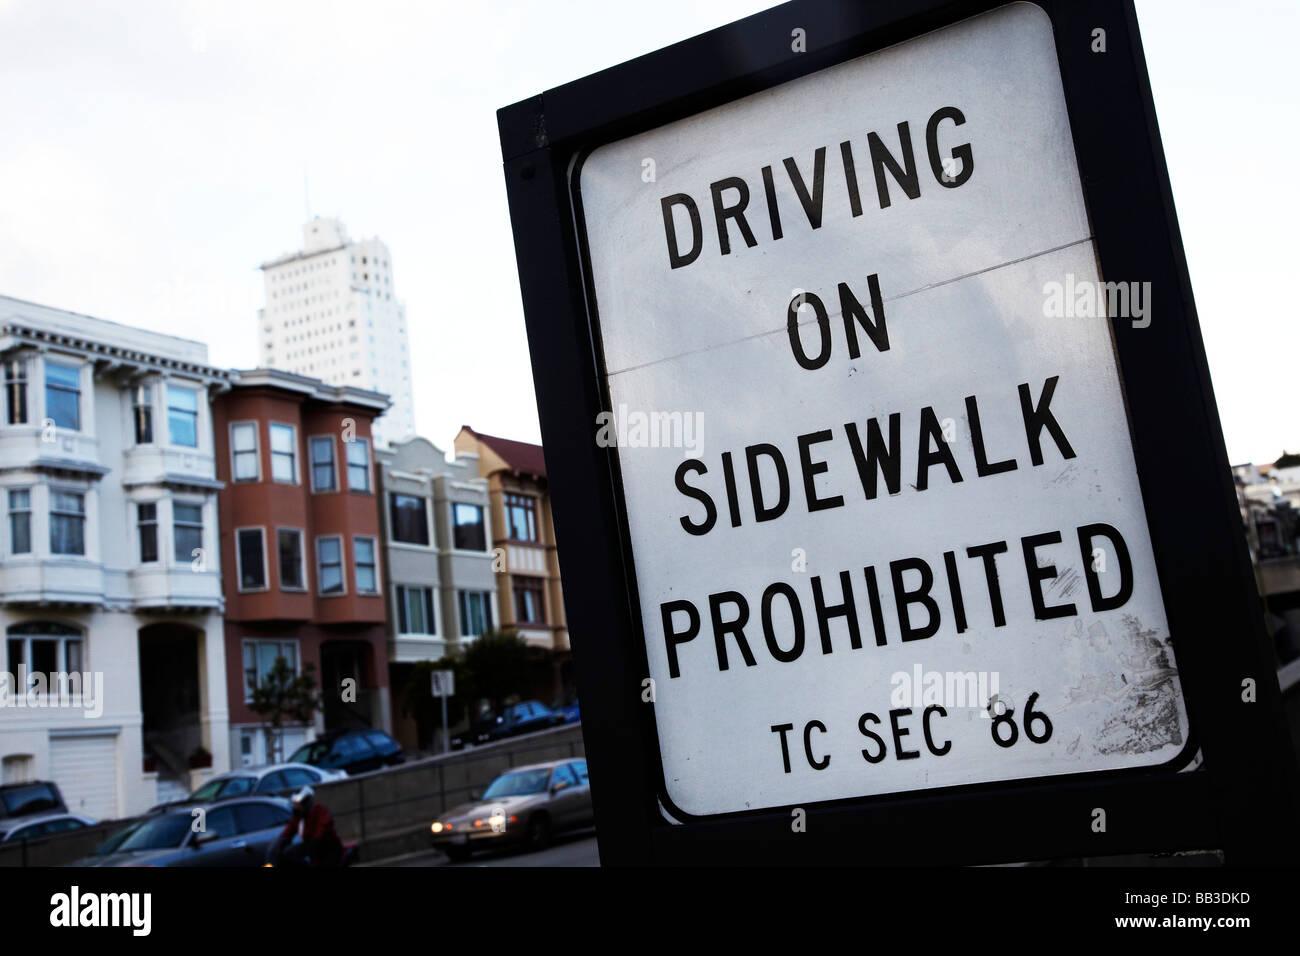 Das fahren auf Bürgersteig verboten Schild Stockbild